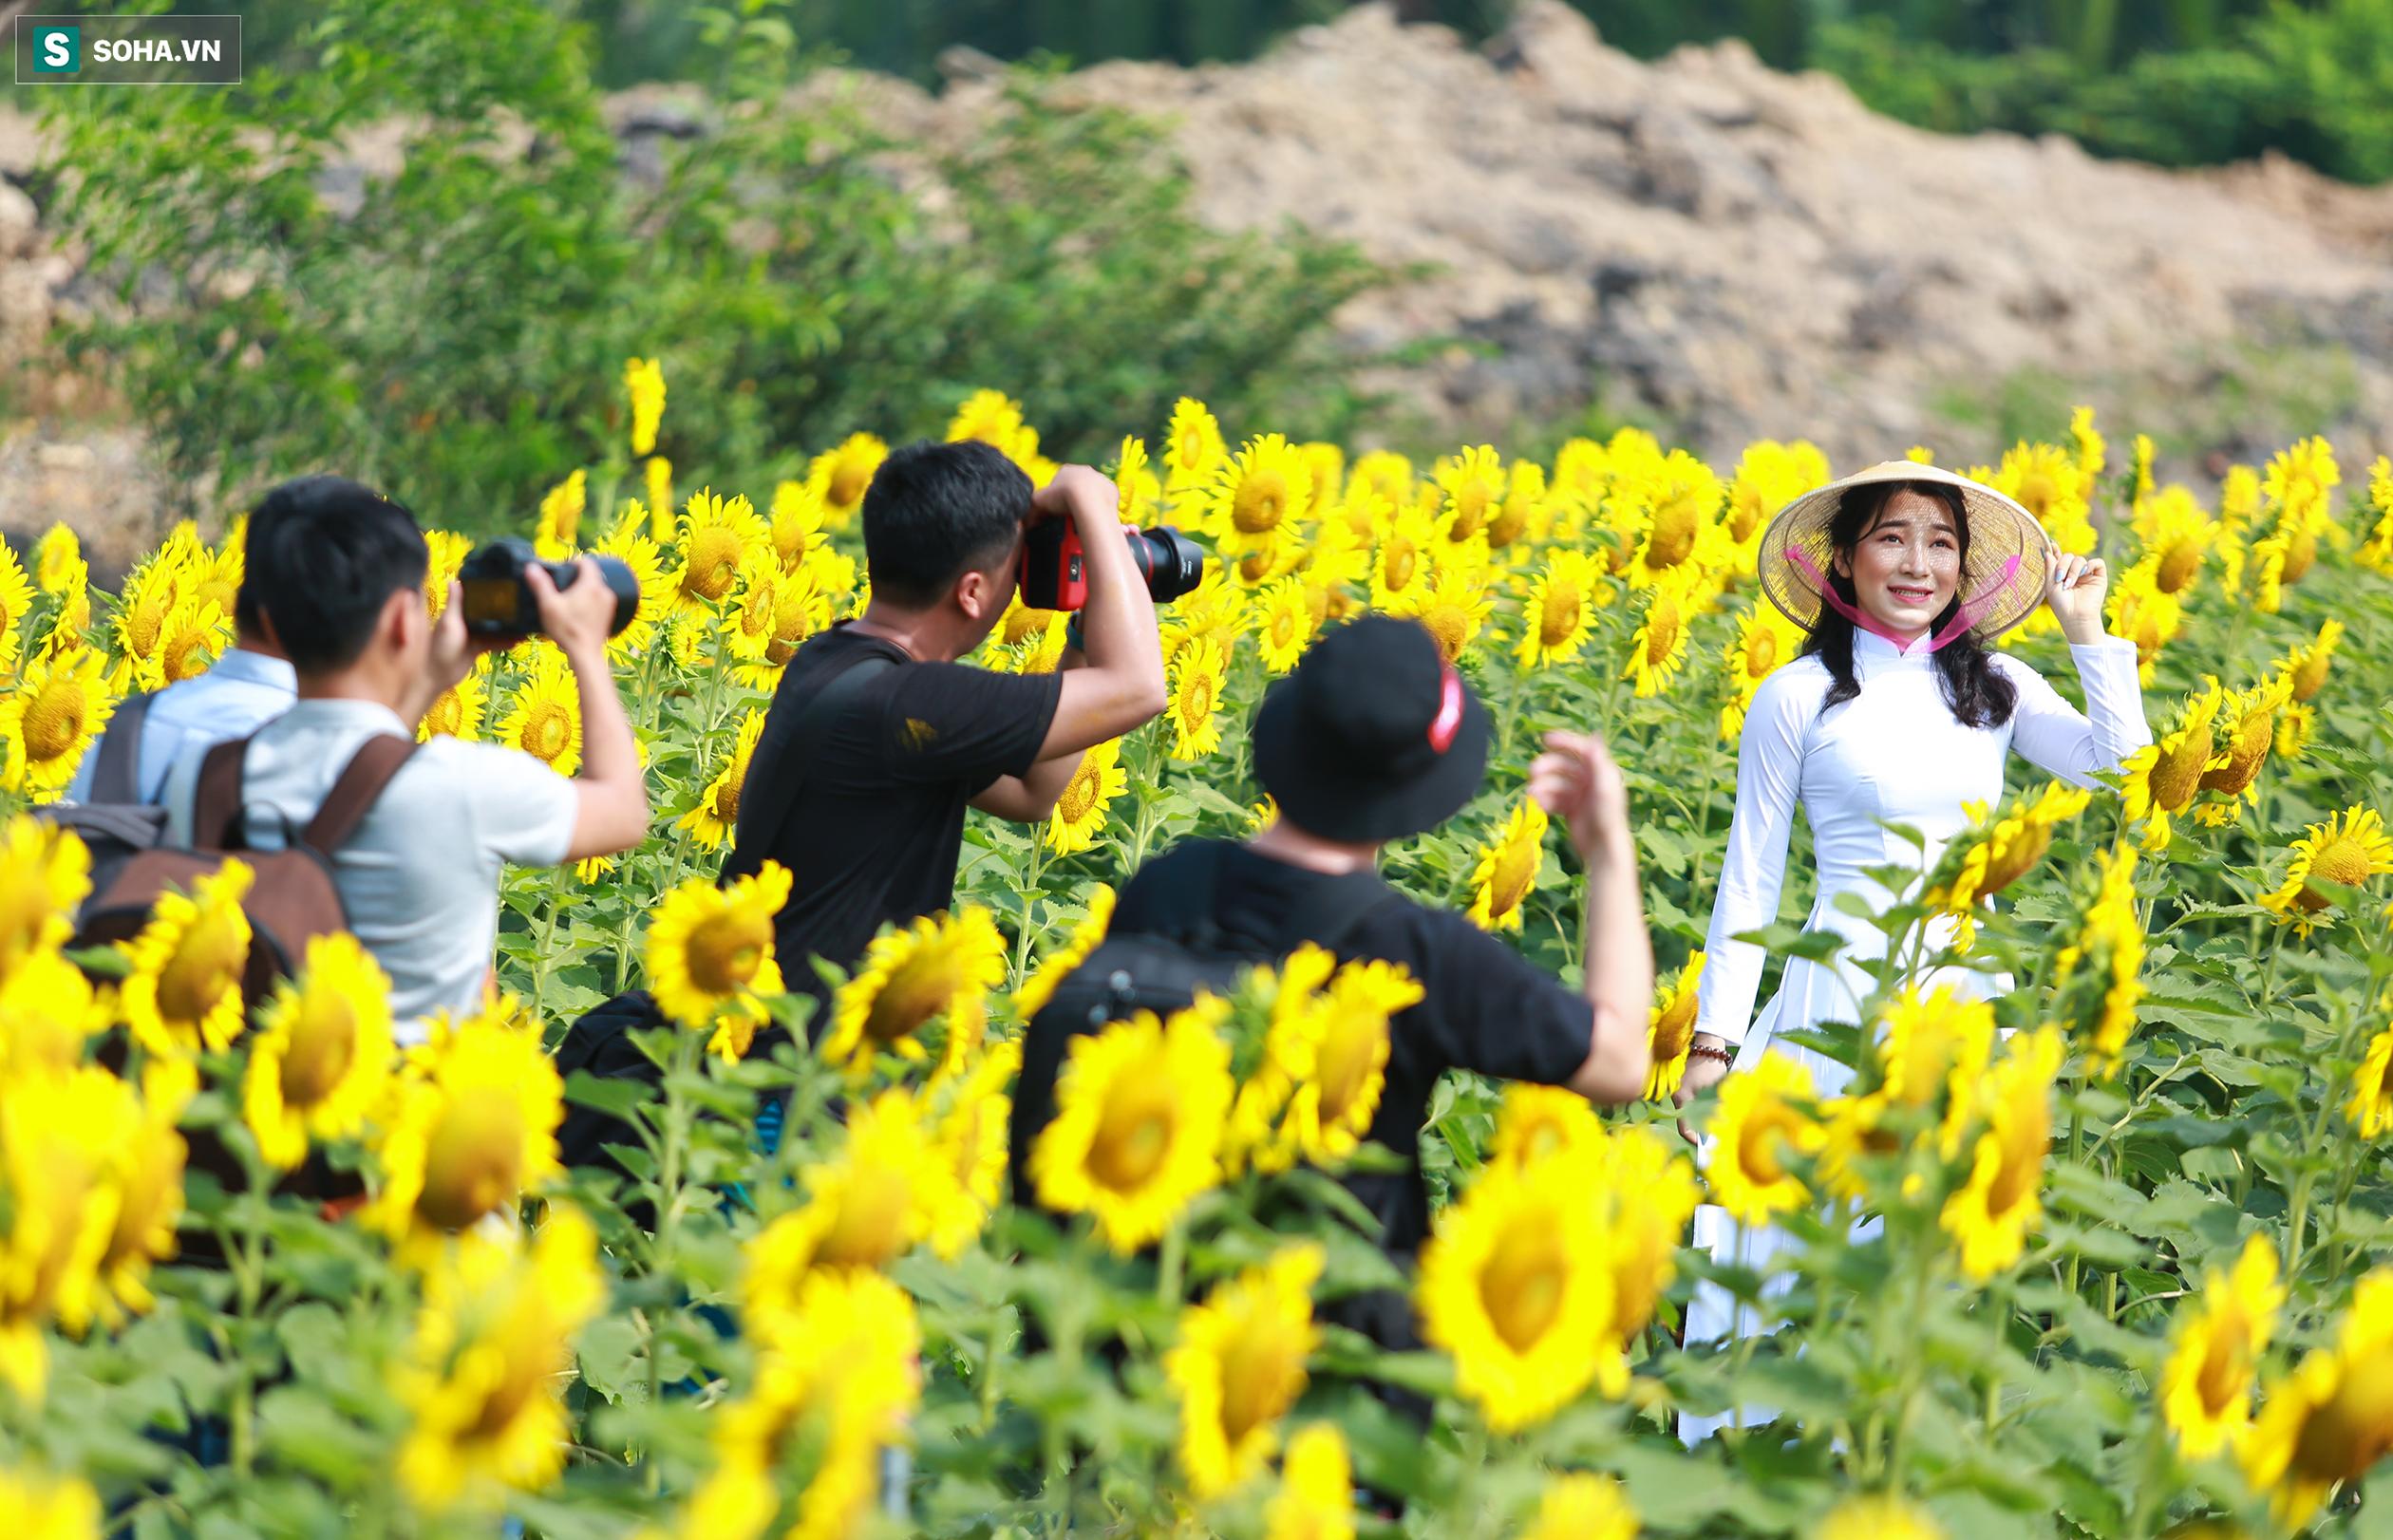 Rất nhiều nhiếp ảnh gia, các tay săn ảnh lựa chọn cánh đồng hoa hướng dương là địa điểm 'tác nghiệp' thường xuyên trong những ngày này.